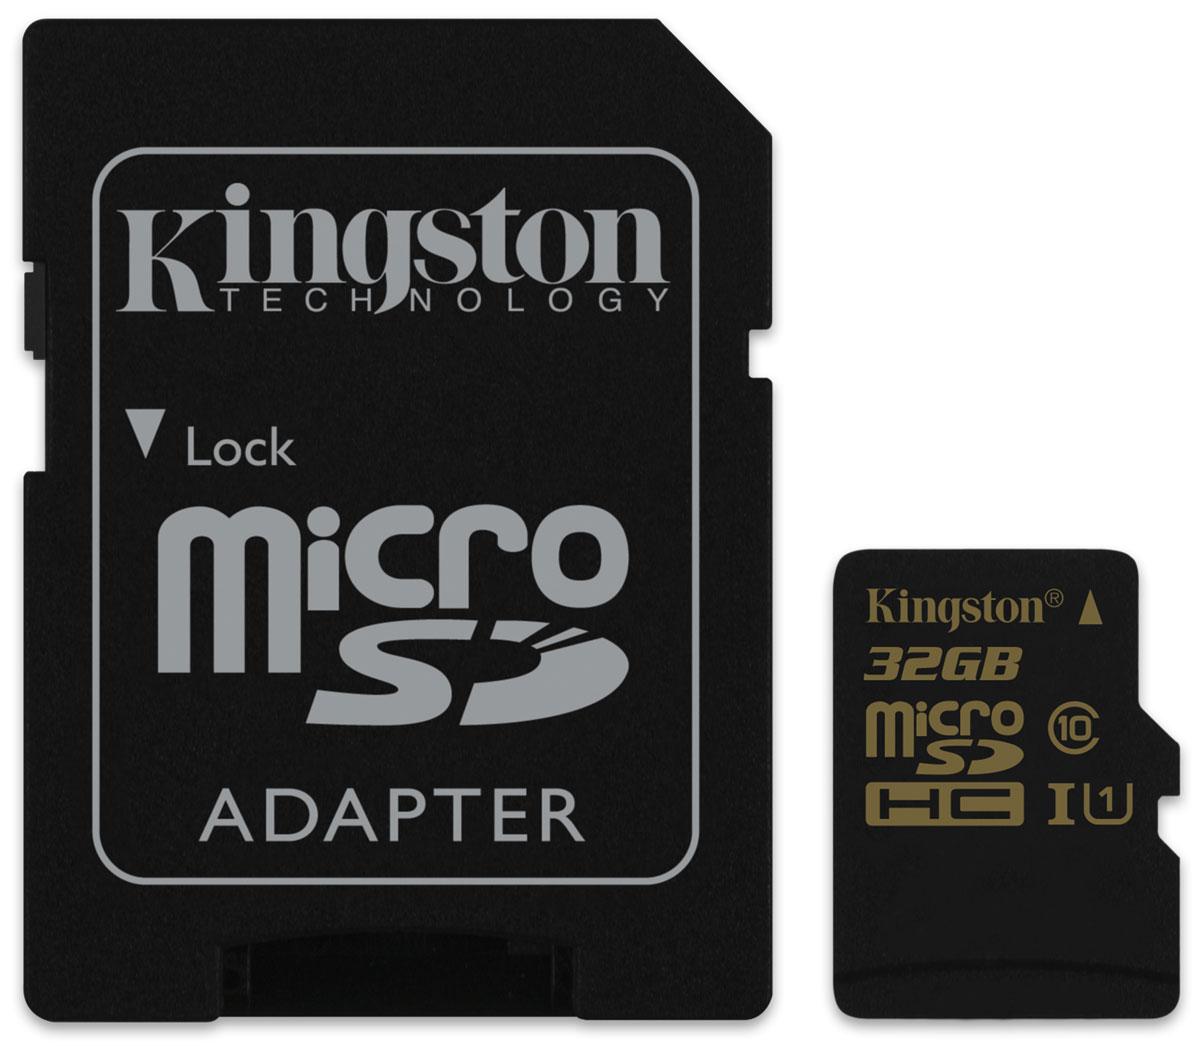 Kingston microSDHC Class 10 UHS-I 32GB карта памяти с адаптеромSDCA10/32GBКарта памяти Kingston microSDHC Class 10 UHS-I обеспечивает скорость чтения 90 МБ/с и записи 45 МБ/с; она считывает до 9 раз быстрее и записывает до 4,5 раза быстрее, чем стандартные карты памяти microSDHC Class 10. Технология UHS-I U1 позволяет снимать видео в формате Full HD, трехмерное видео и прямые трансляции без задержек, а также выполнять серийную съемку с помощью телефона. Более высокие минимальные скорости записи обеспечивают высокое качество видео без рывков и быструю передачу данных, особенно при использовании устройств чтения карт памяти с интерфейсом USB 3.0 компании Kingston.Карты памяти Kingston microSDHC Class 10 UHS-I позволяют записывать больше видео без замены карт. На карте памяти можно хранить до 80 минут видео (48 Мбит/с), до 28 сжатых видео формата MP4 или до 8302 файлов MP3, чтобы вы всегда могли брать коллекции видео и музыки с собой в дорогу. Эта универсальная карта памяти водонепроницаема,ударостойка и виброустойчива, имеет защиту от рентгеновского излучения и от экстремальных температур.Фотографы могут положиться на надежность этой карты памяти при съемке в движении, а также при работе в жестких условиях. Пользователи смартфонов, планшетов и фотоаппаратов могут по достоинству оценить преимущества повышенной скорости передачи и высокую производительность, обеспечиваемую картой памяти Kingston microSDHC Class 10 UHS-I; карта памяти совместима с хост-устройствами microSDHC и несовместима со стандартными устройствами чтения microSD. Максимально увеличьте скорость работы карты памяти, объединив ее с устройством чтения с поддержкой UHS-I, например, с MobileLite G3 или USB 3.0 Media Reader компании Kingston. Карты памяти имеют пожизненную гарантию, бесплатную техническую поддержку и отличаются легендарной надежностью Kingston.